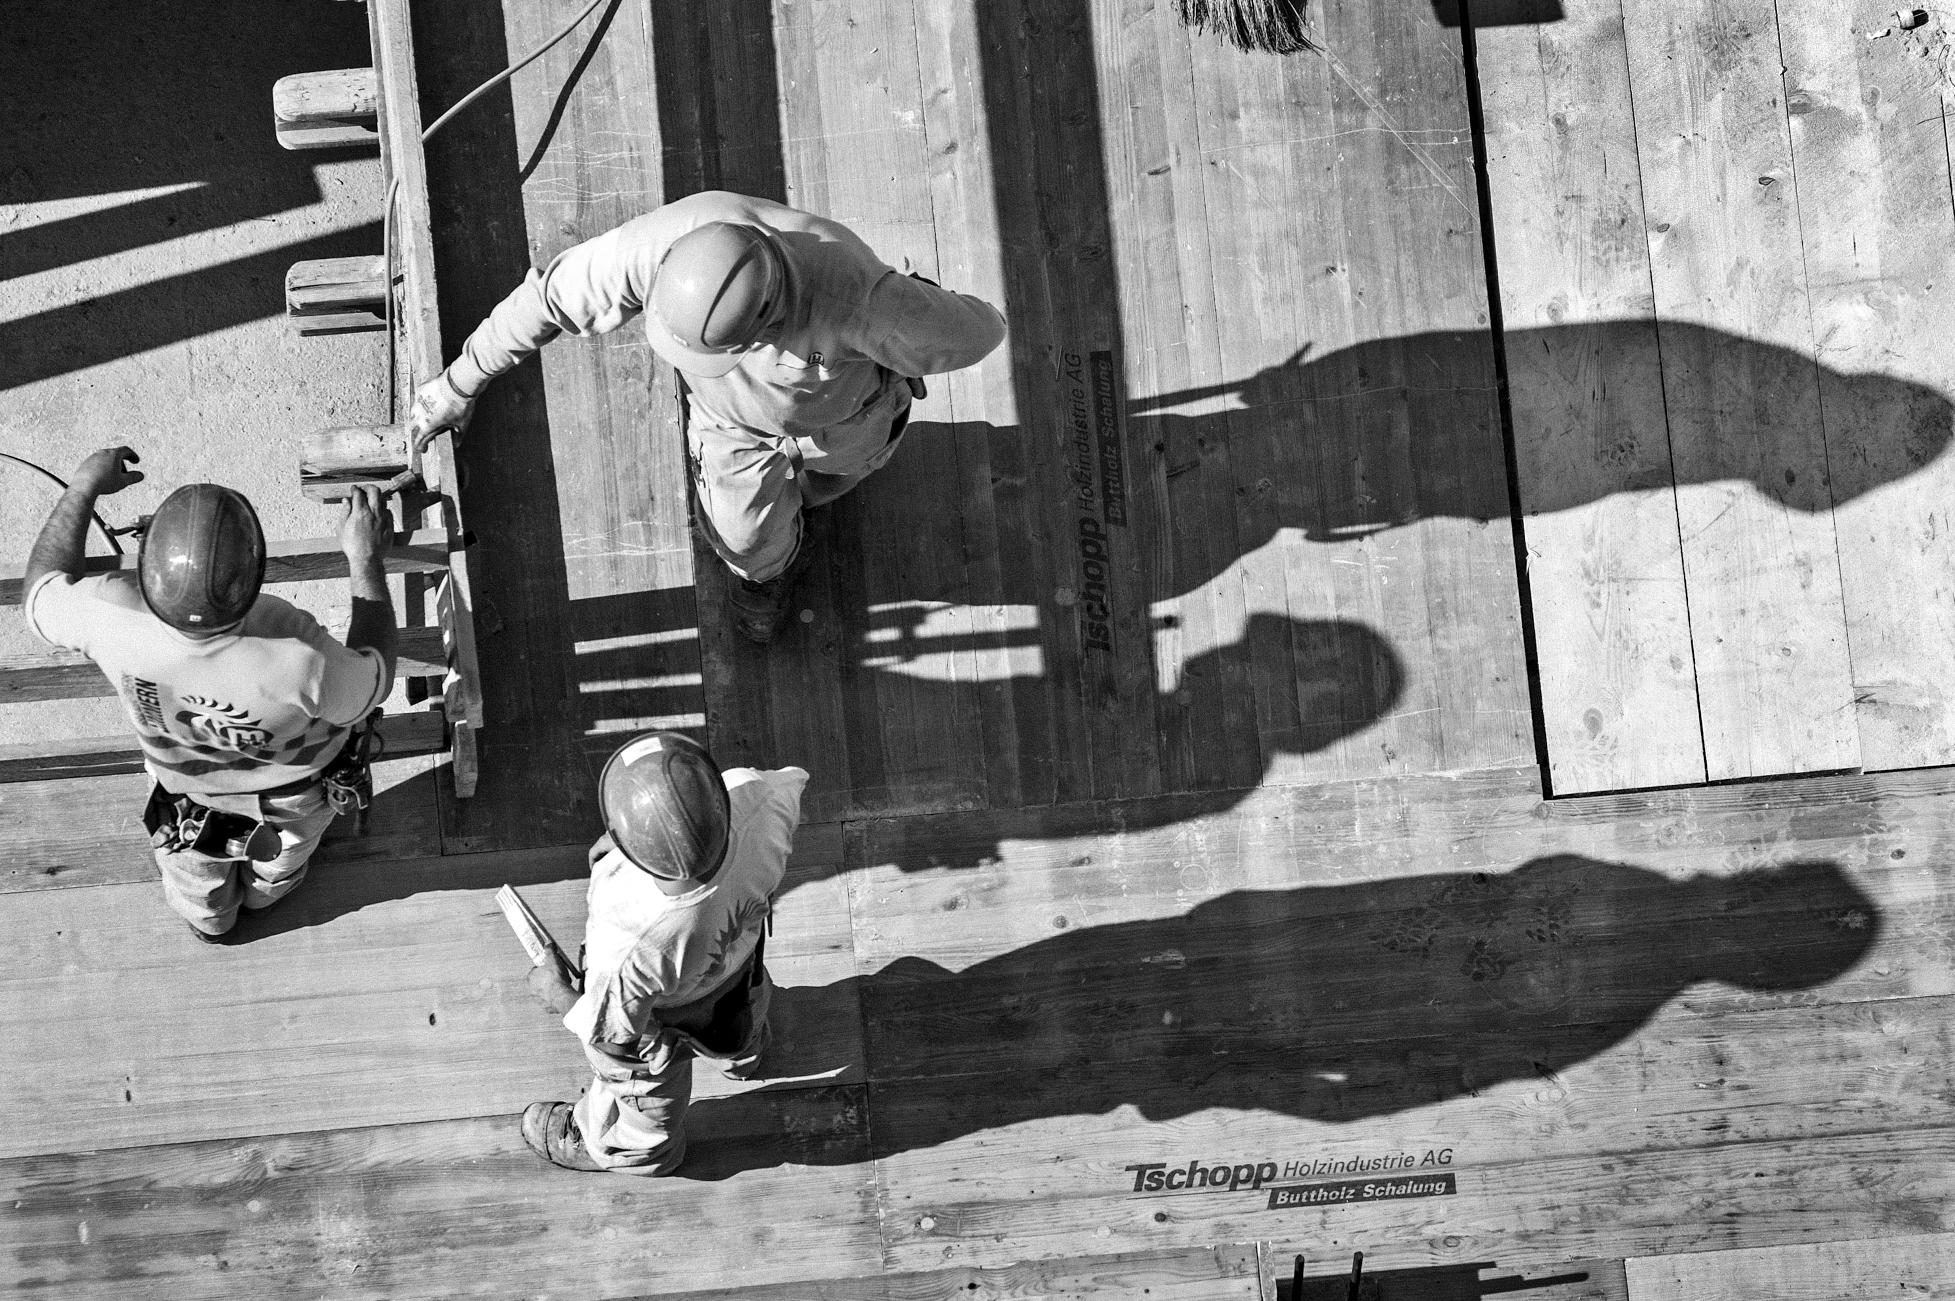 SBV (Schweizer Baumeisterverband) Geschäftsbericht, Corporate Fotografie, Geschäftsbericht, Firmenfotografie, People- und Porträtfotografie, Fotograf Zürich, Schweiz